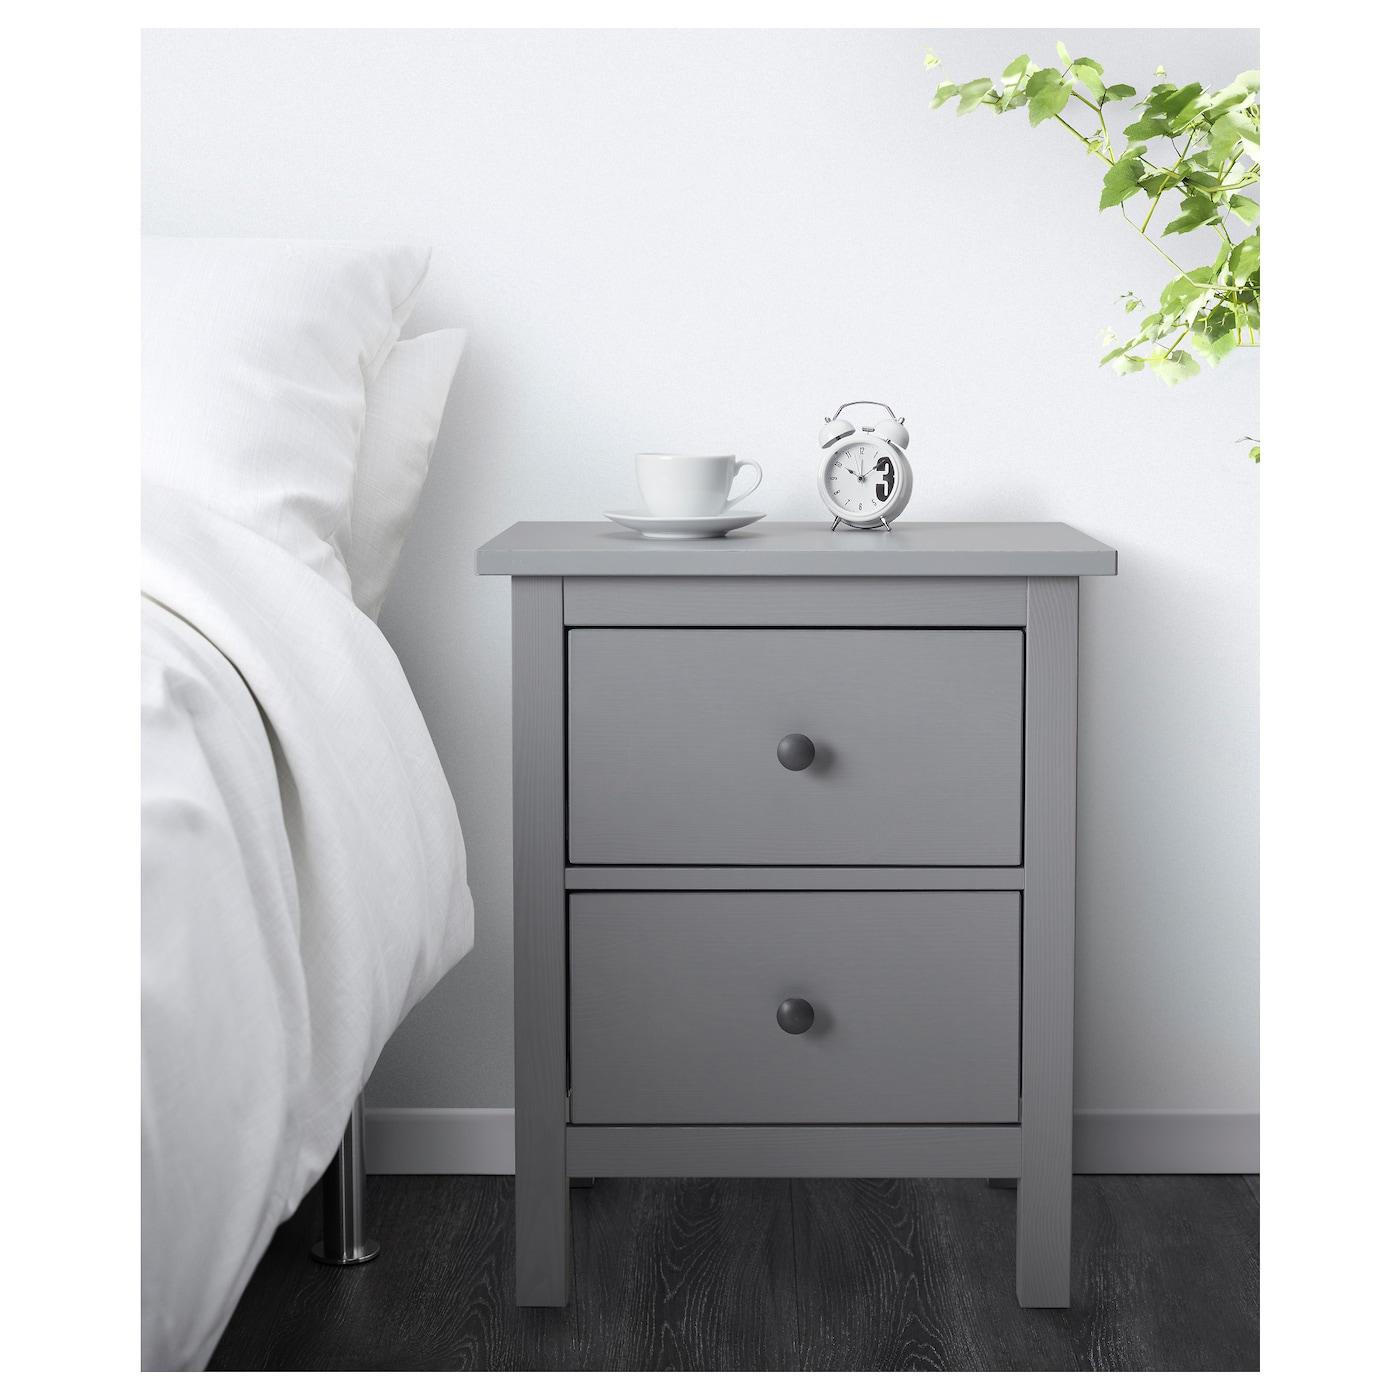 Ikea Hemnes Kommode Mit 2 Schubladen Grau Nachtkonsole Nachttisch Schrank Neu